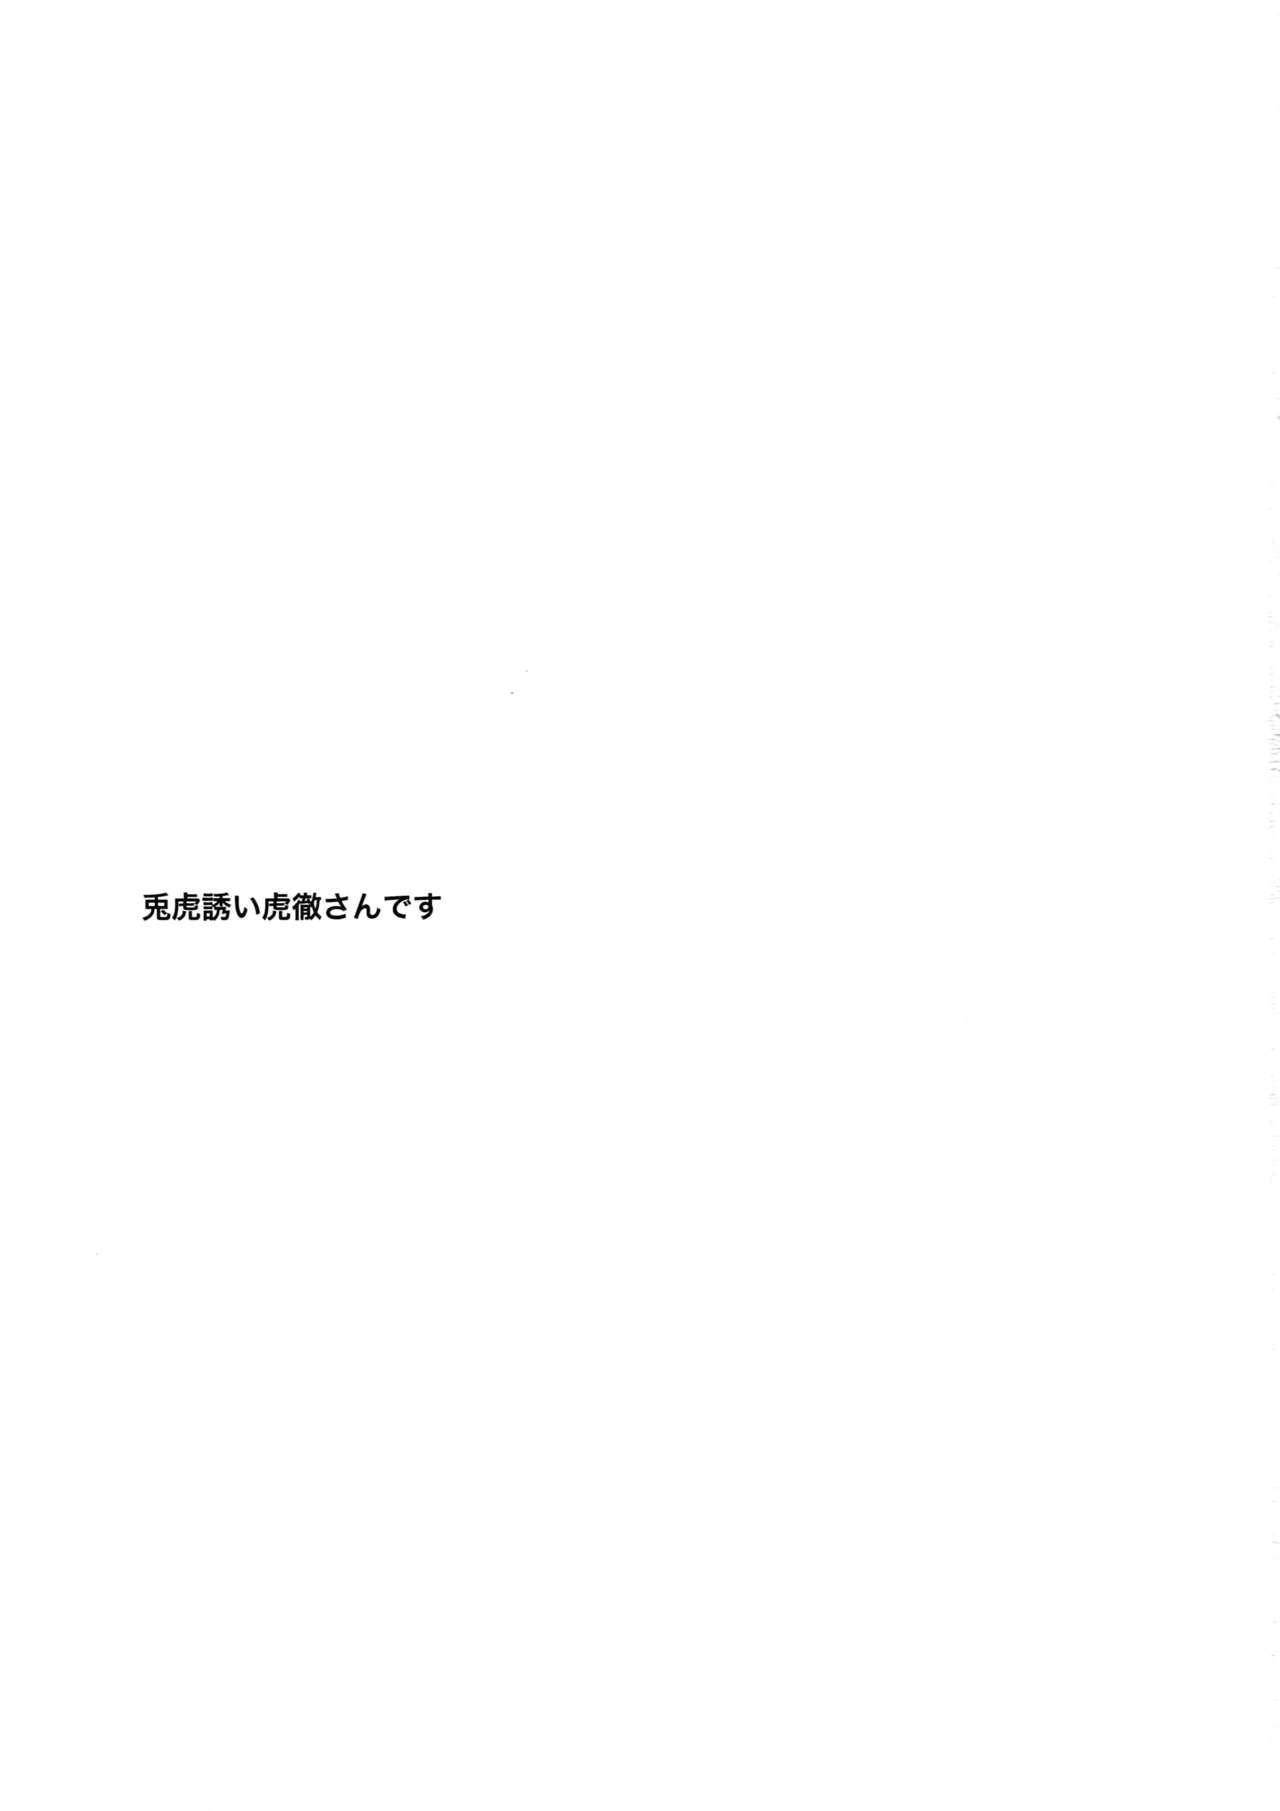 Komochi Yamome Shokugyou Hero Kaburagi T Toratouru Doushitan desu? Toratouru-san 1